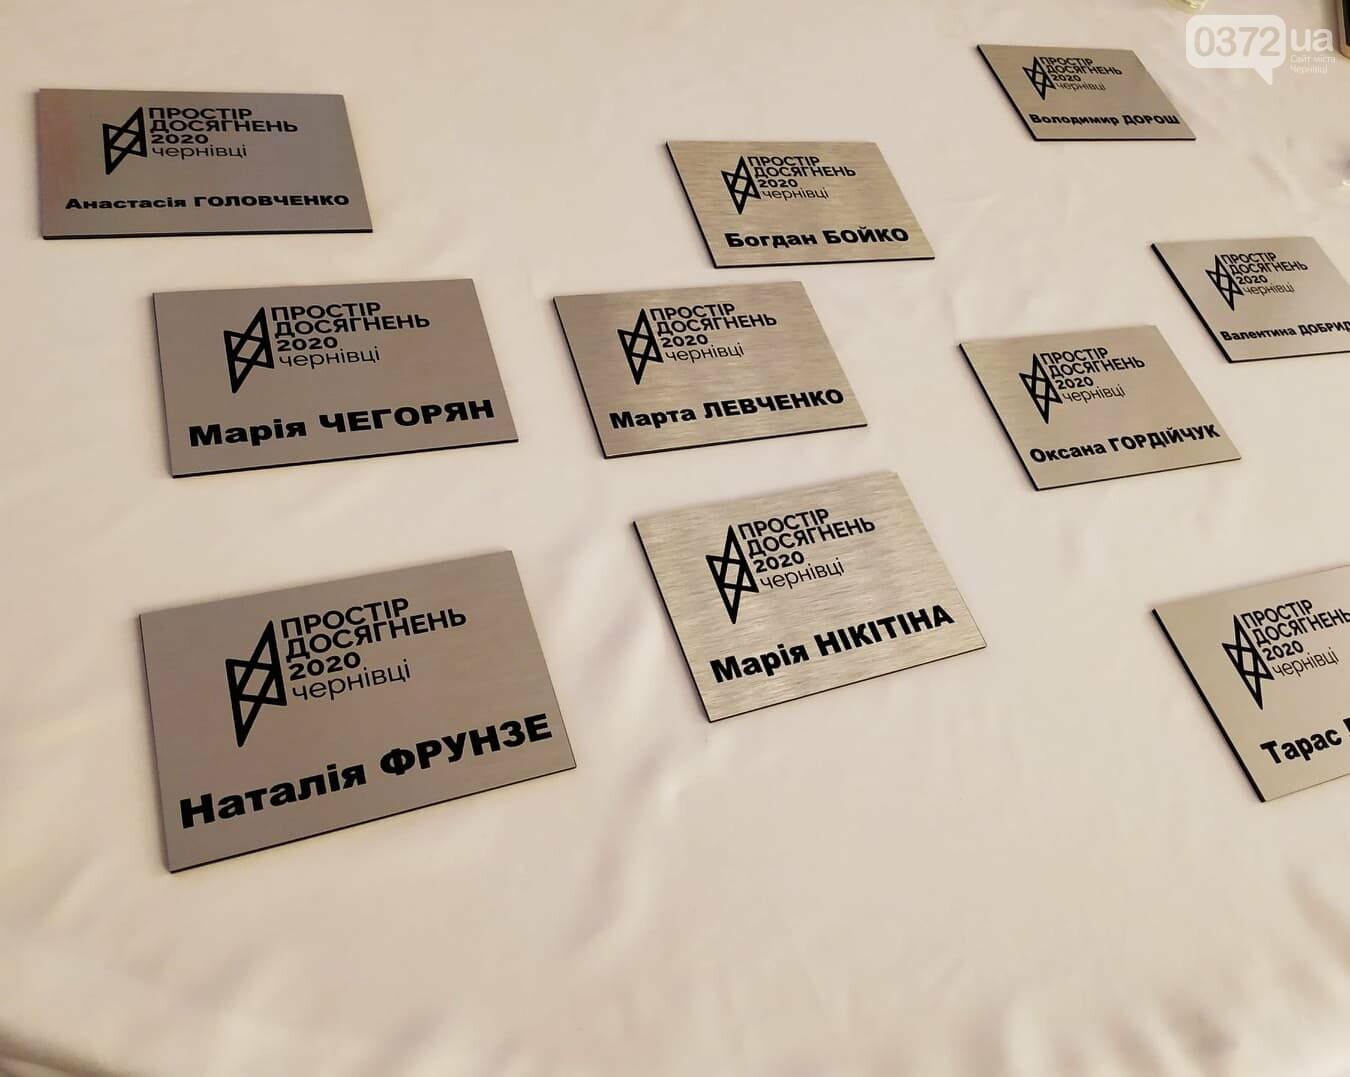 Нагороди громадським активістам від організаторів форуму